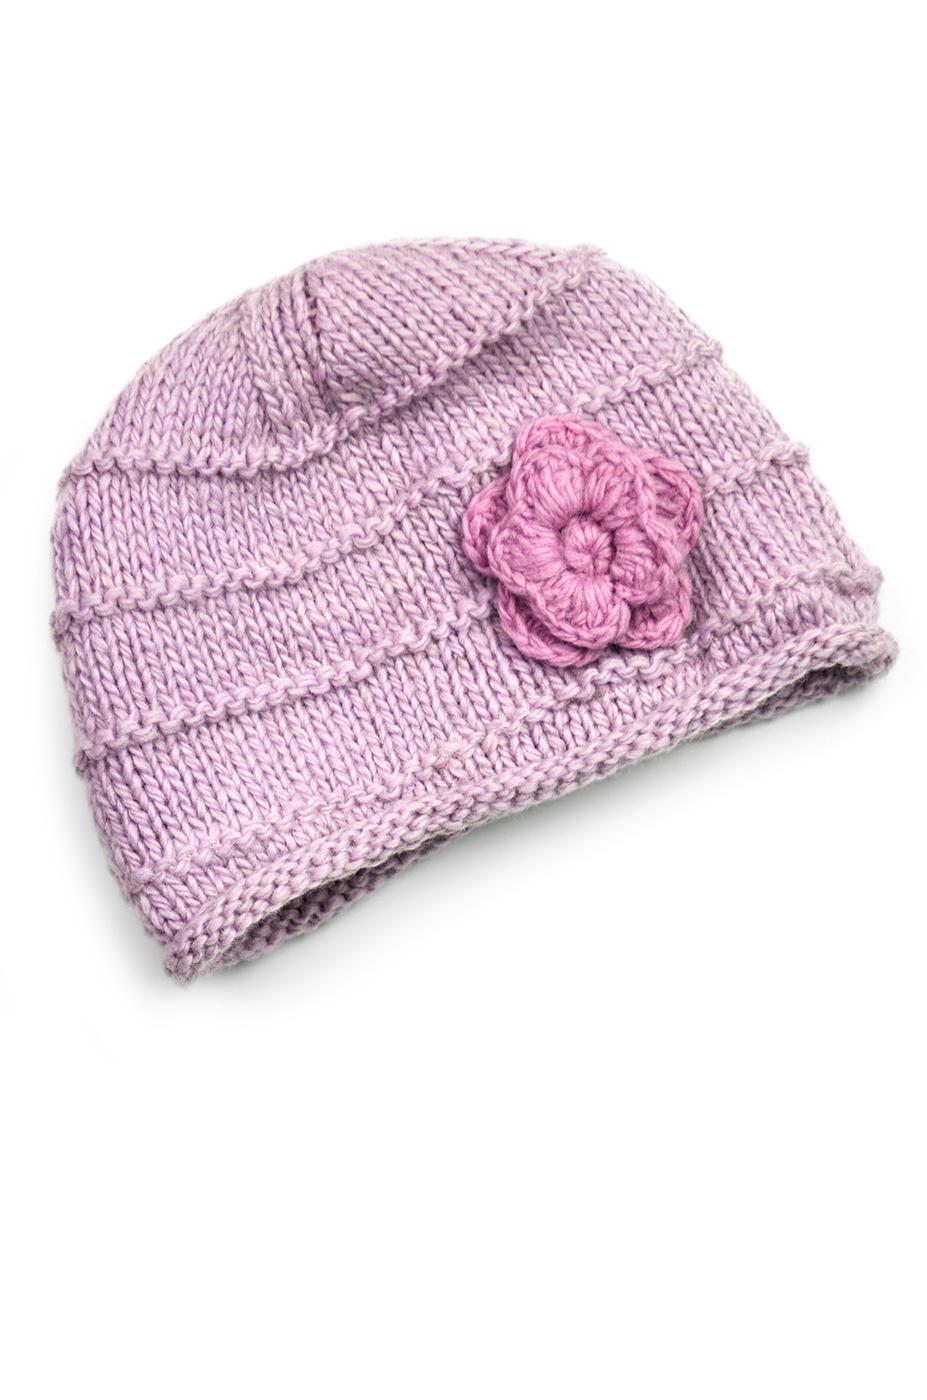 Pink & Quite Pink Hat